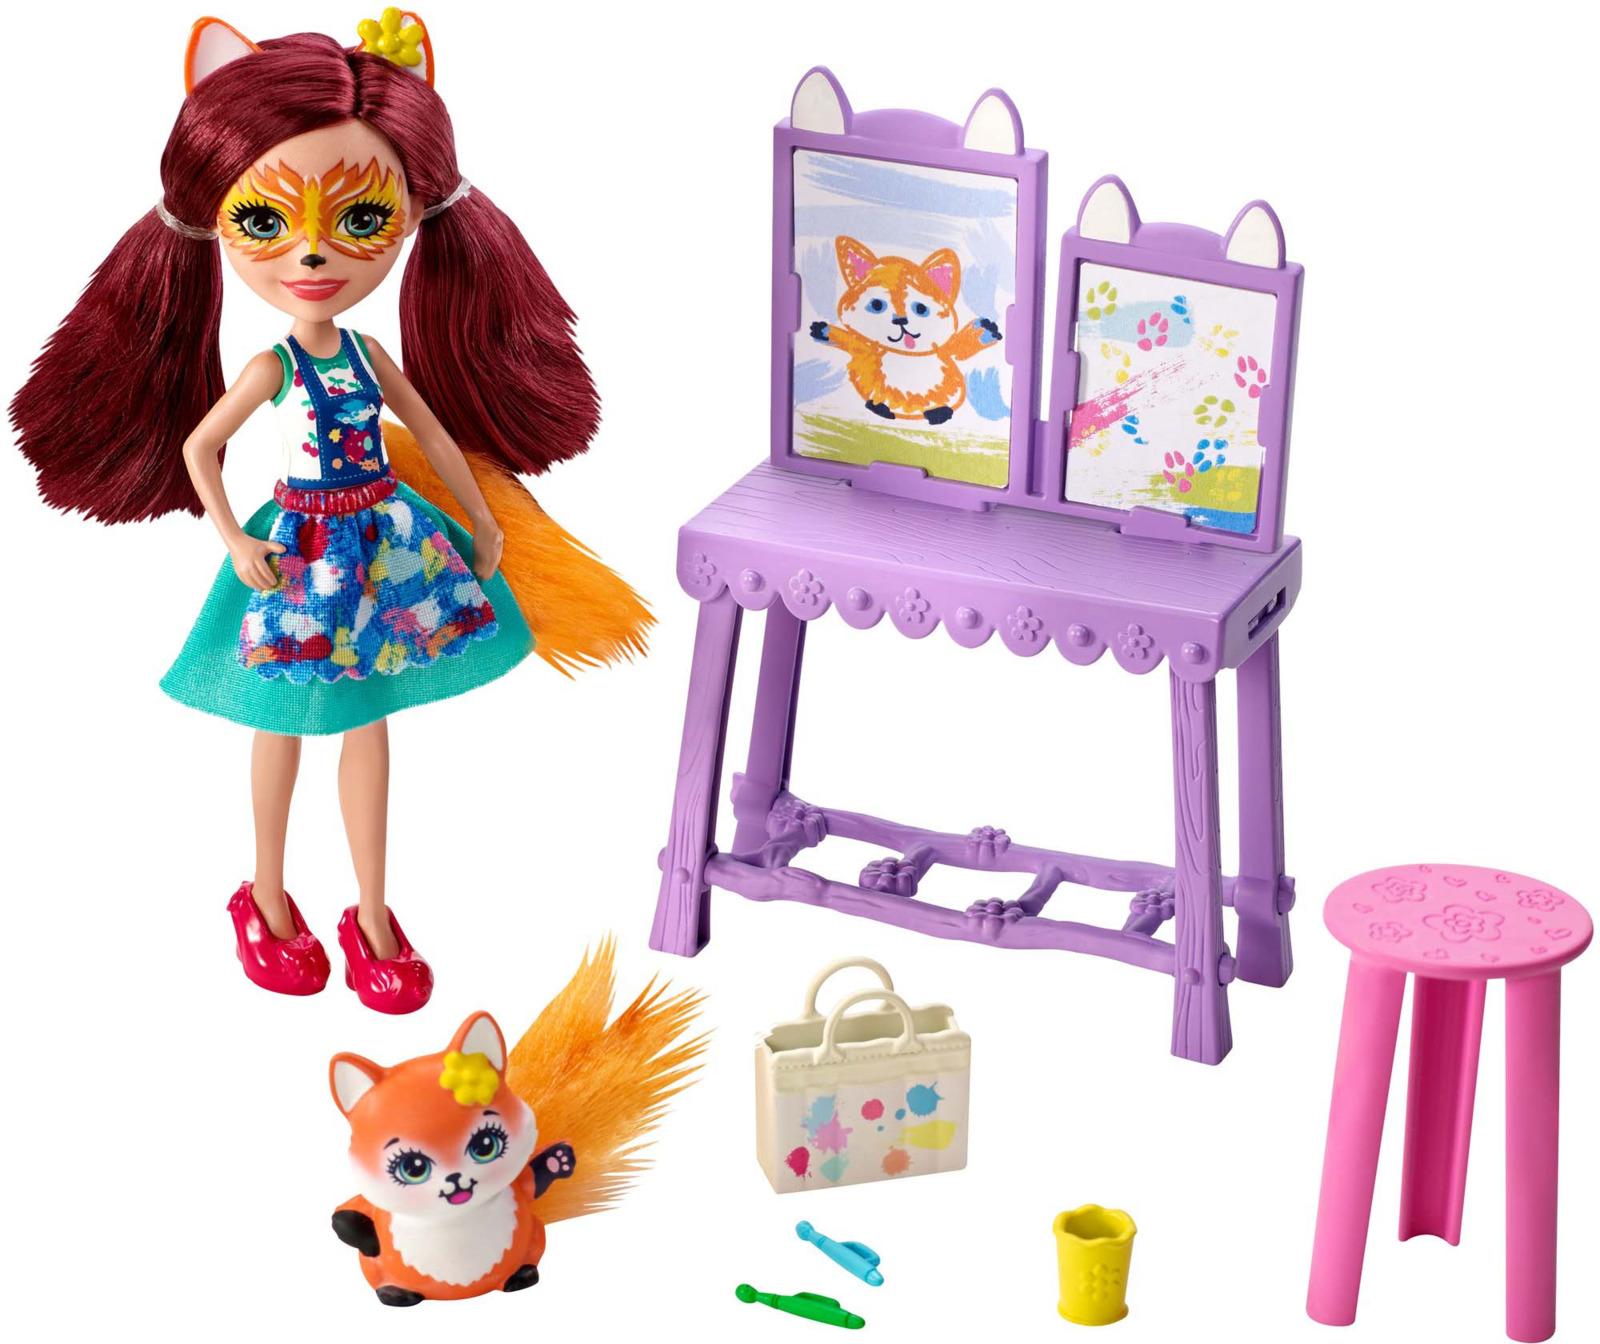 Фото - Enchantimals Игровой набор Кукла со зверушкой FCC62_GBX03 enchantimals игровой набор кукла со зверюшкой fnh22 fjj21